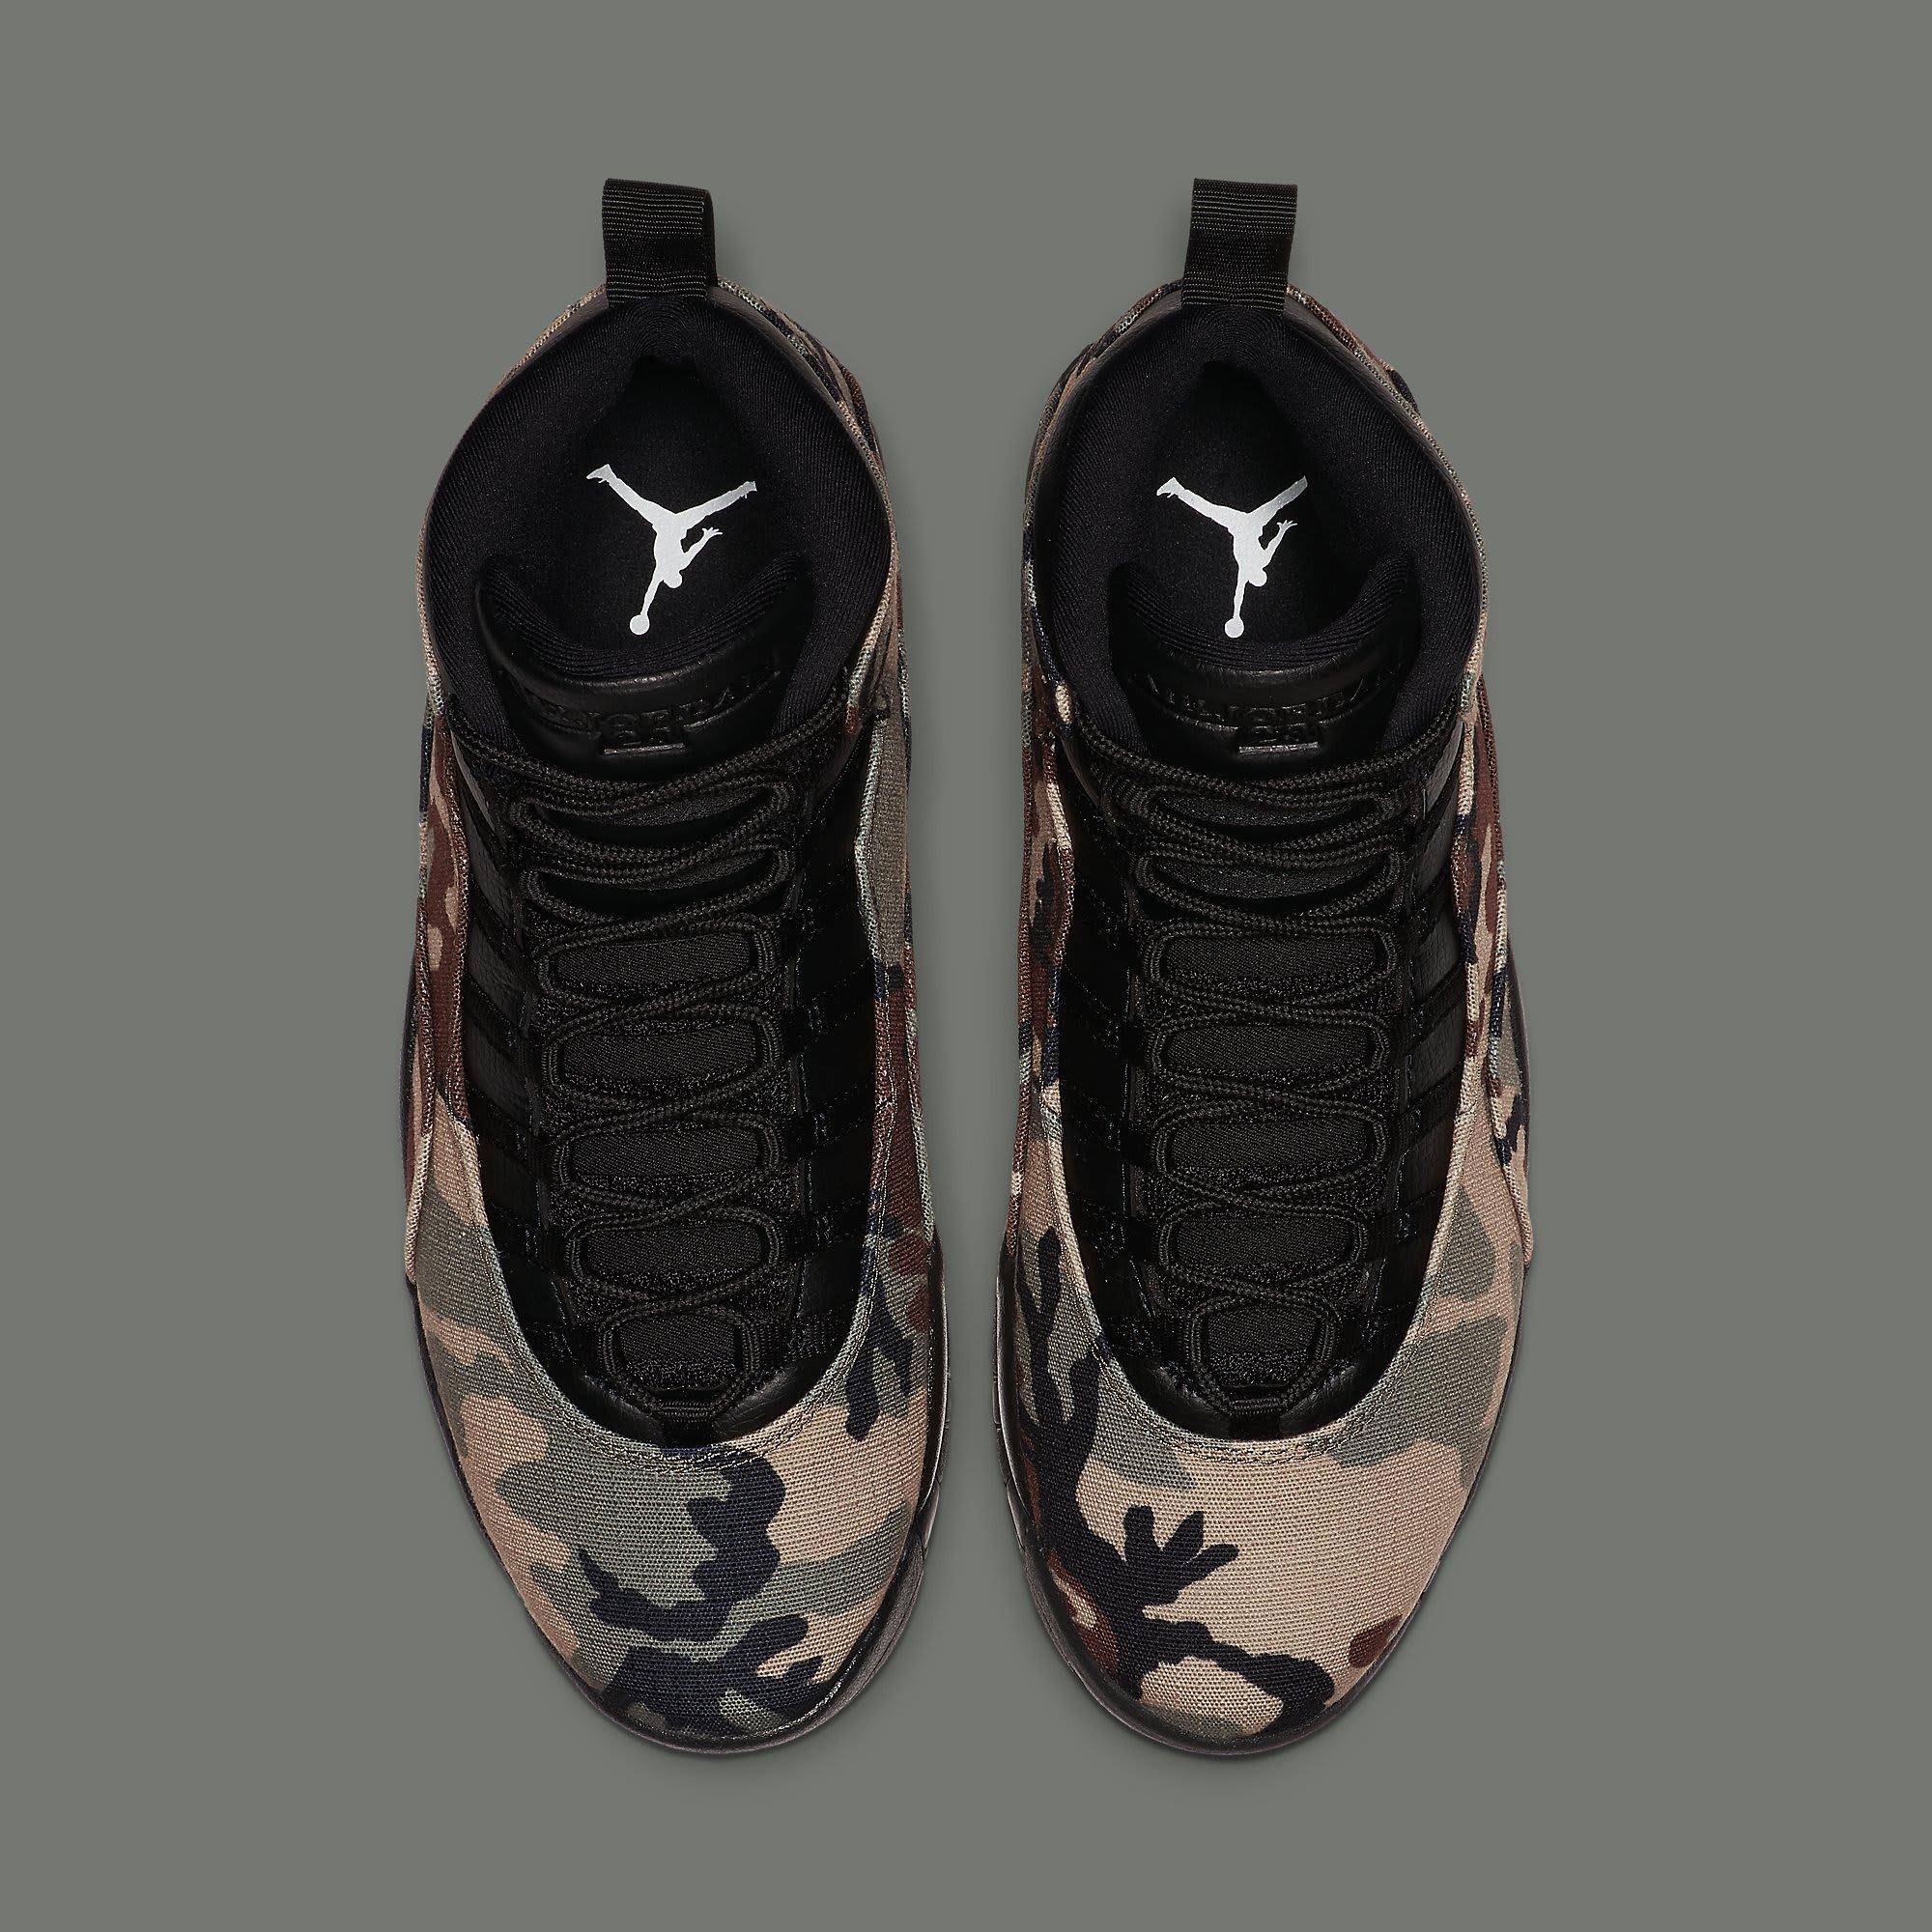 Air Jordan 10 Camo Release Date 310805-201 Top